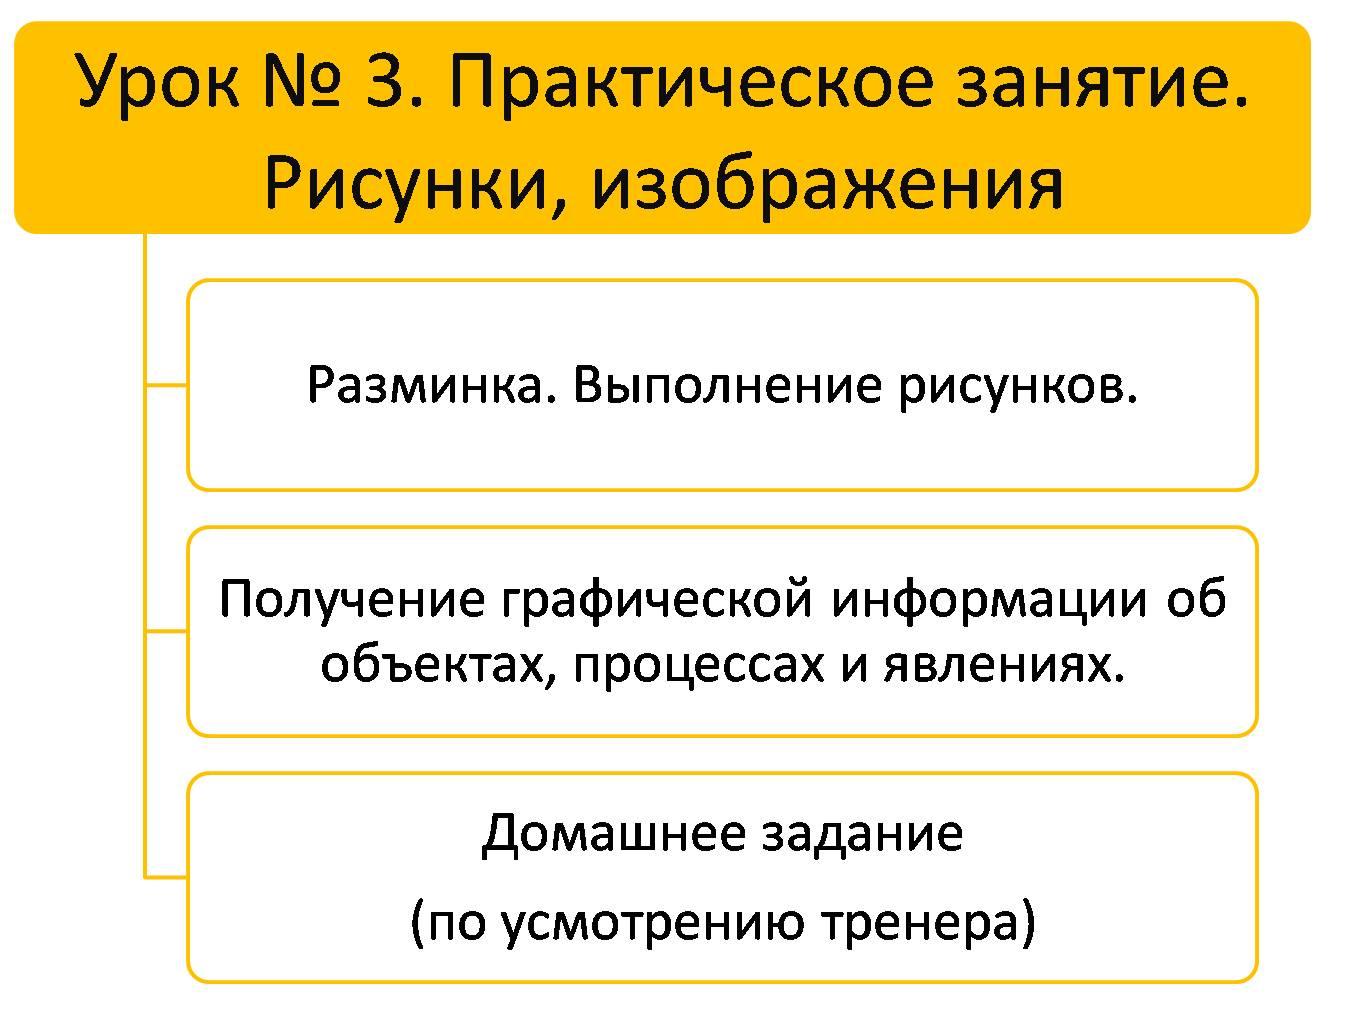 psyhografiya-s-3